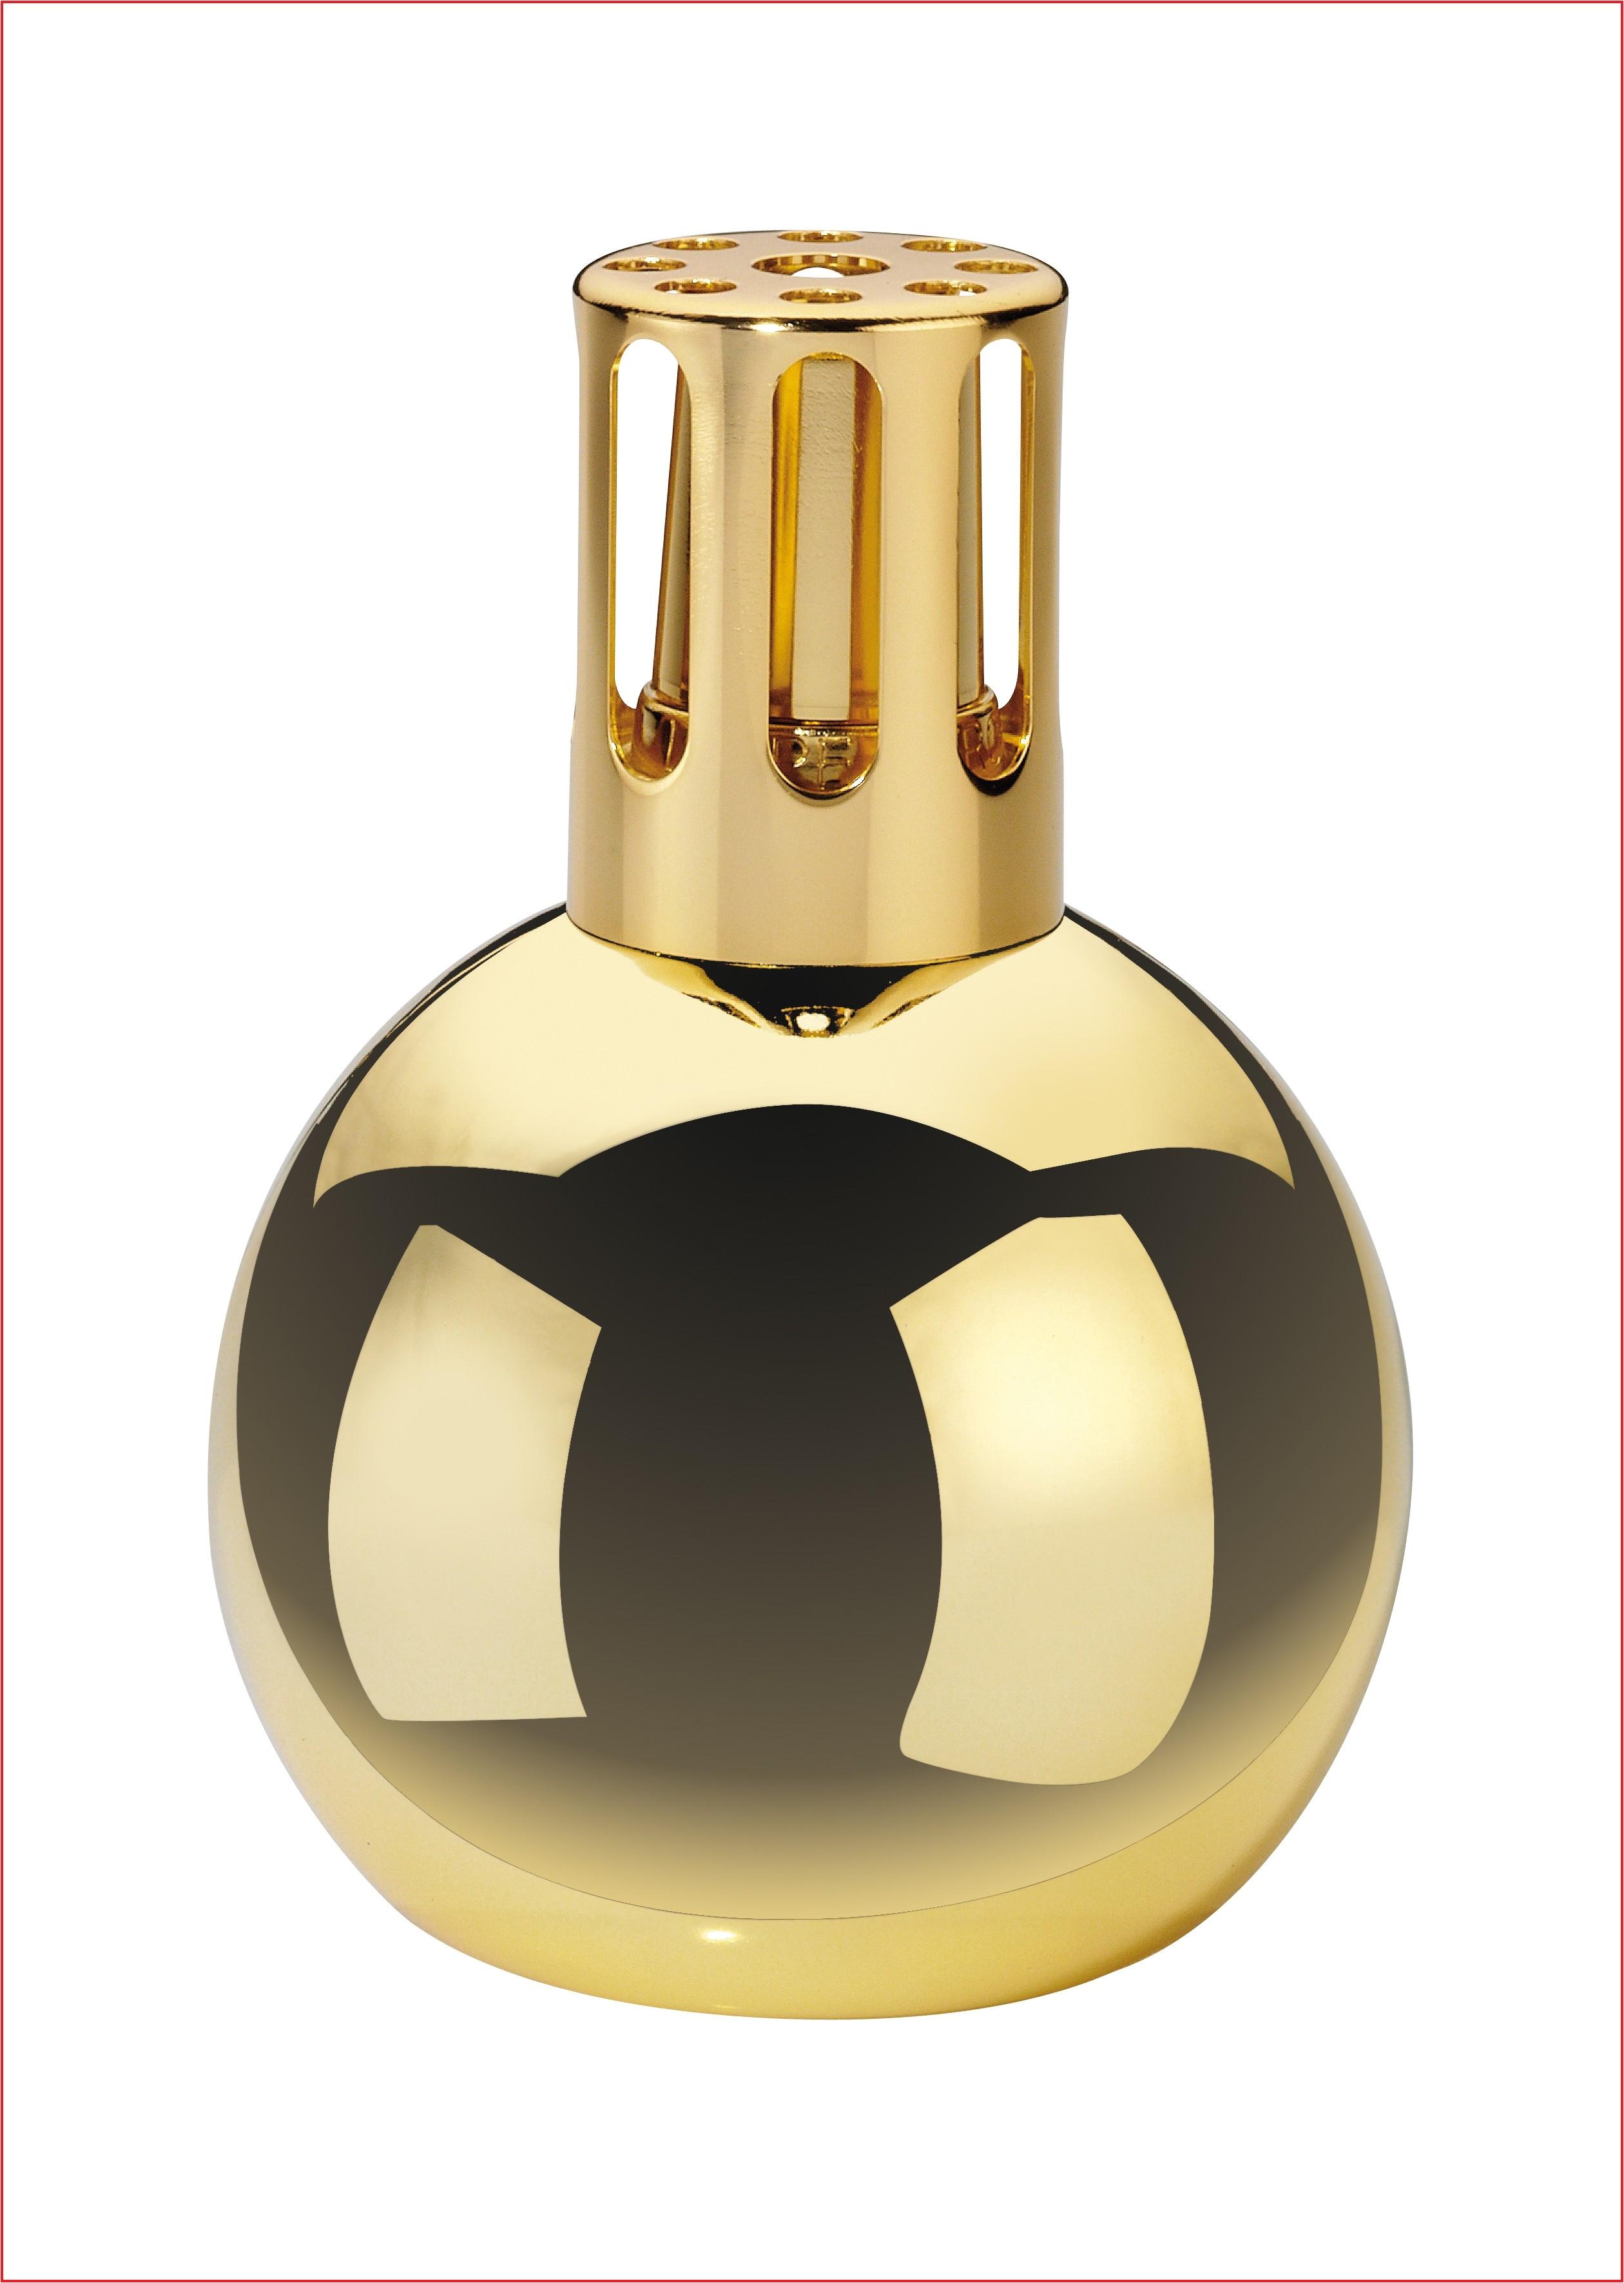 lampe berger lamp 738036 lampe berger 4097 gold bingo metallissimo lampe berger lampe berger